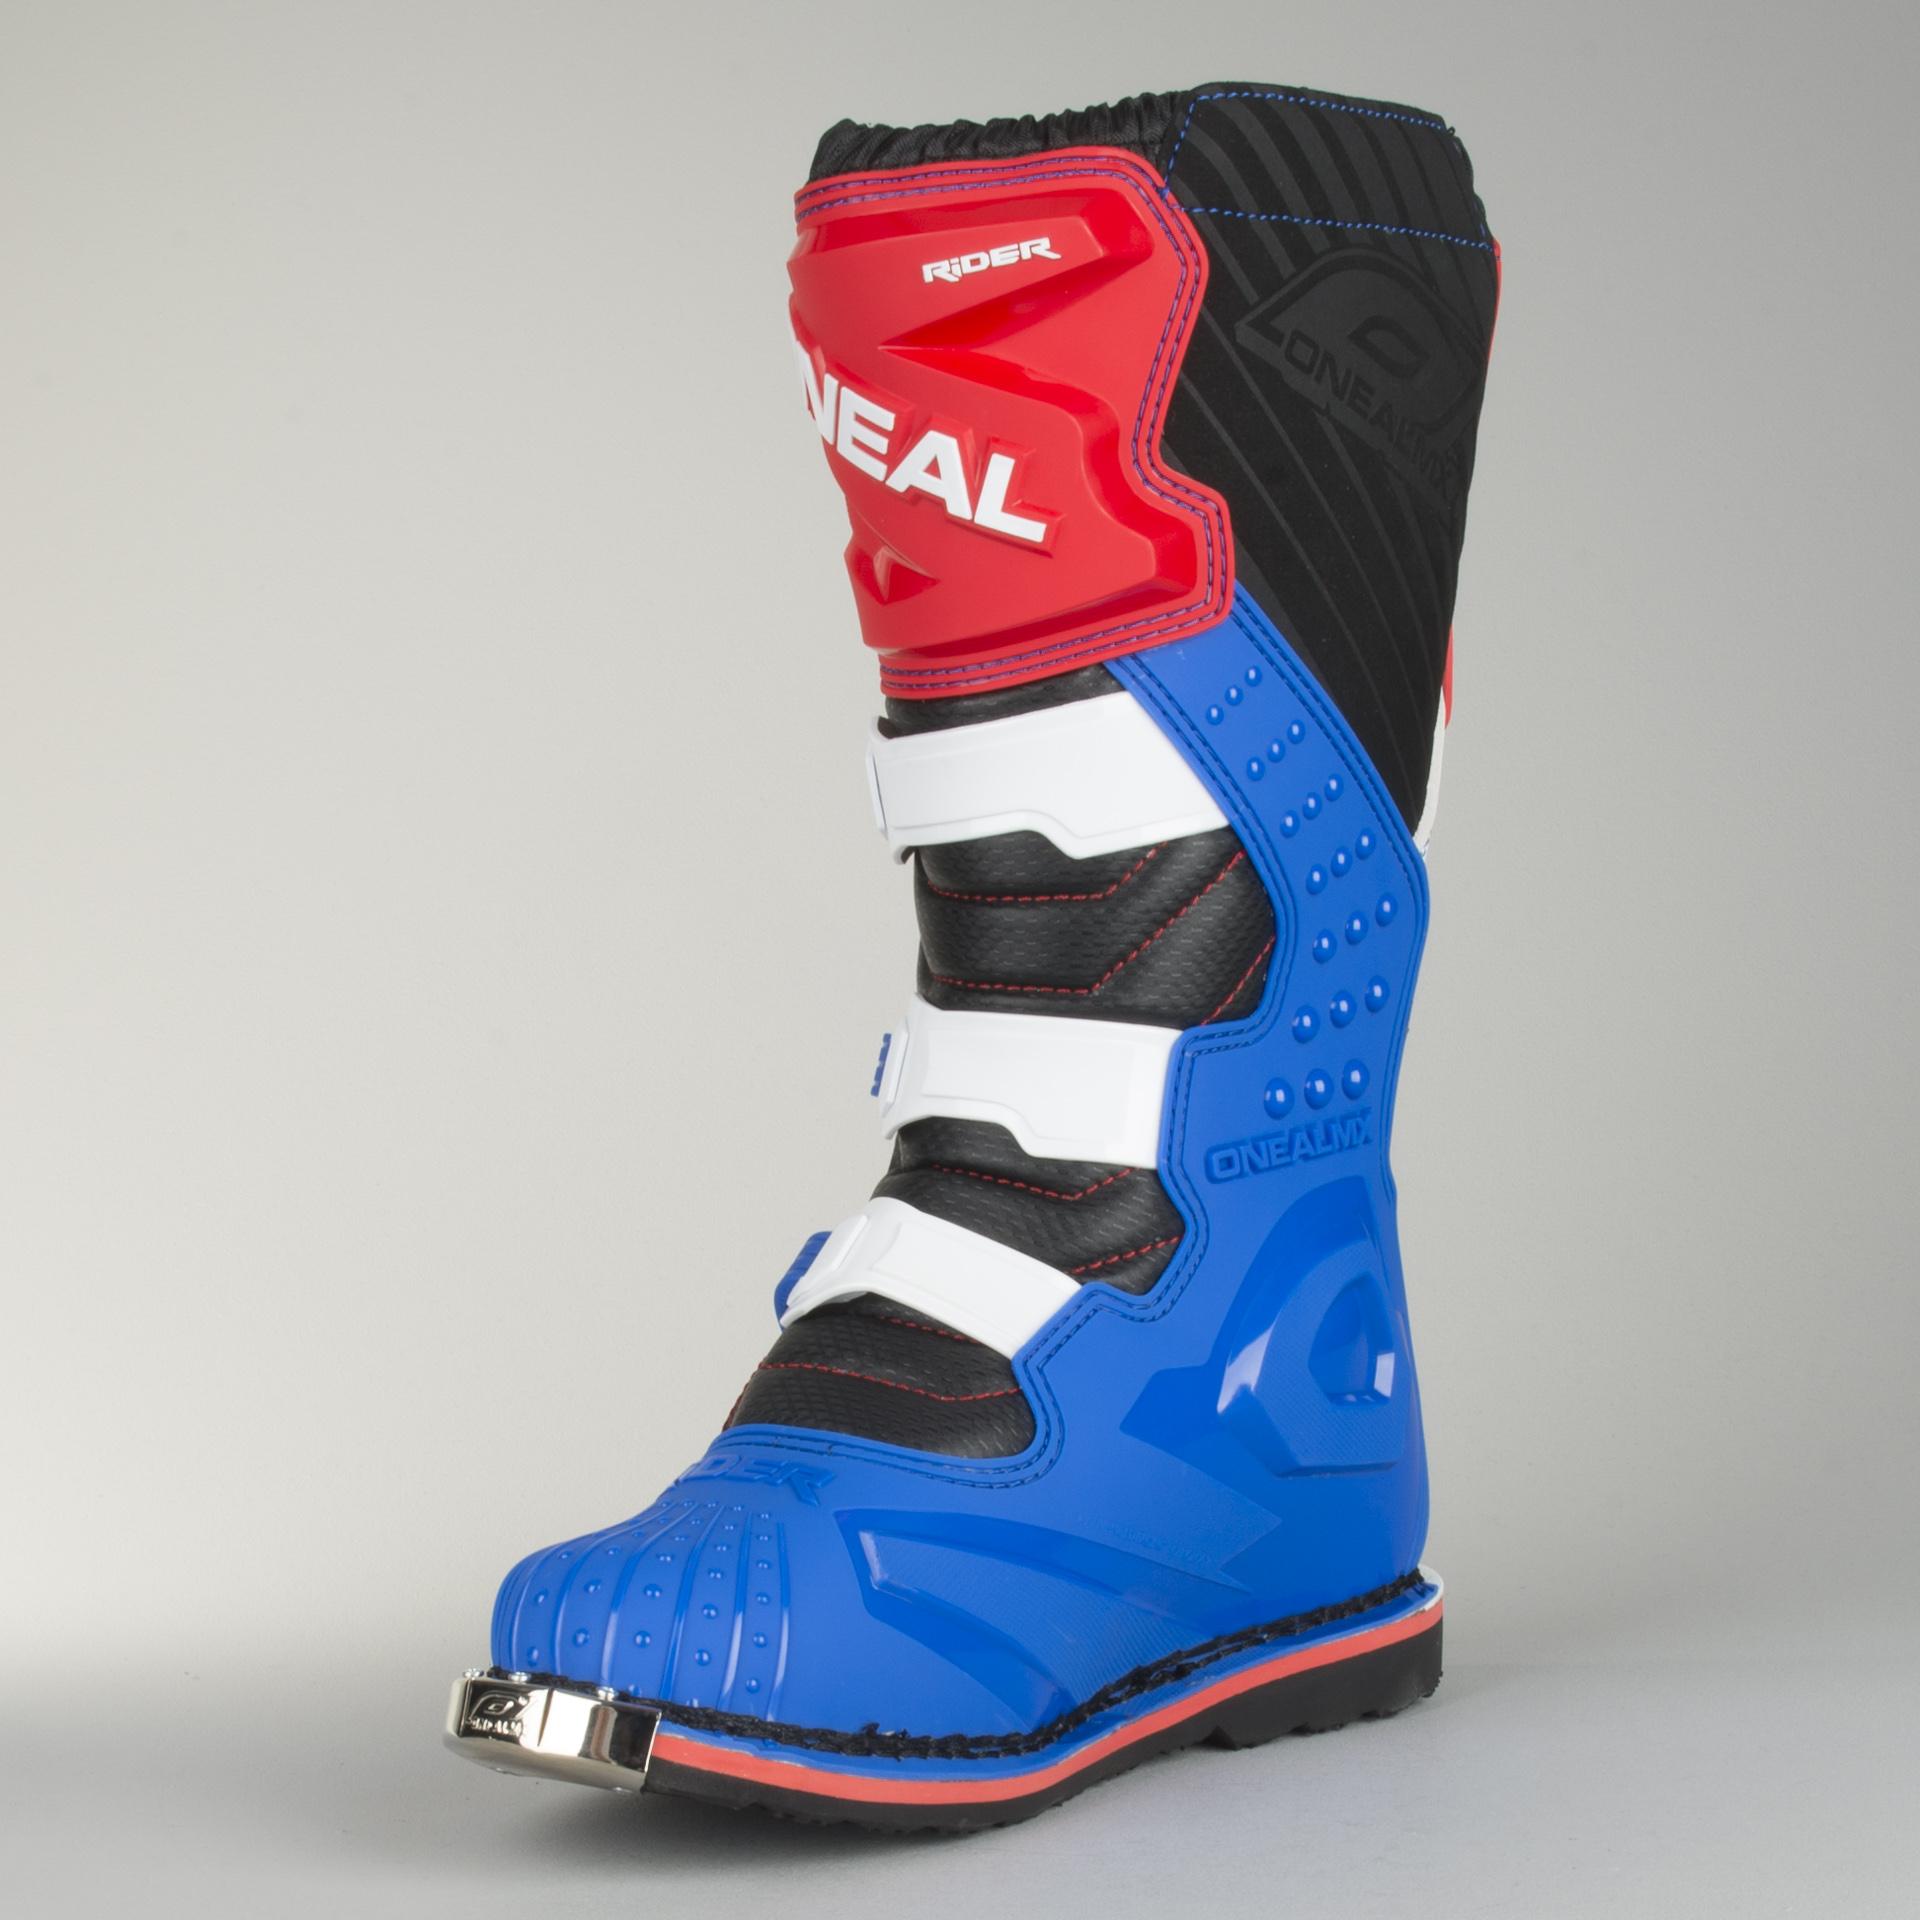 Cross støvler O'Neal Rider Blå Rød Hvid